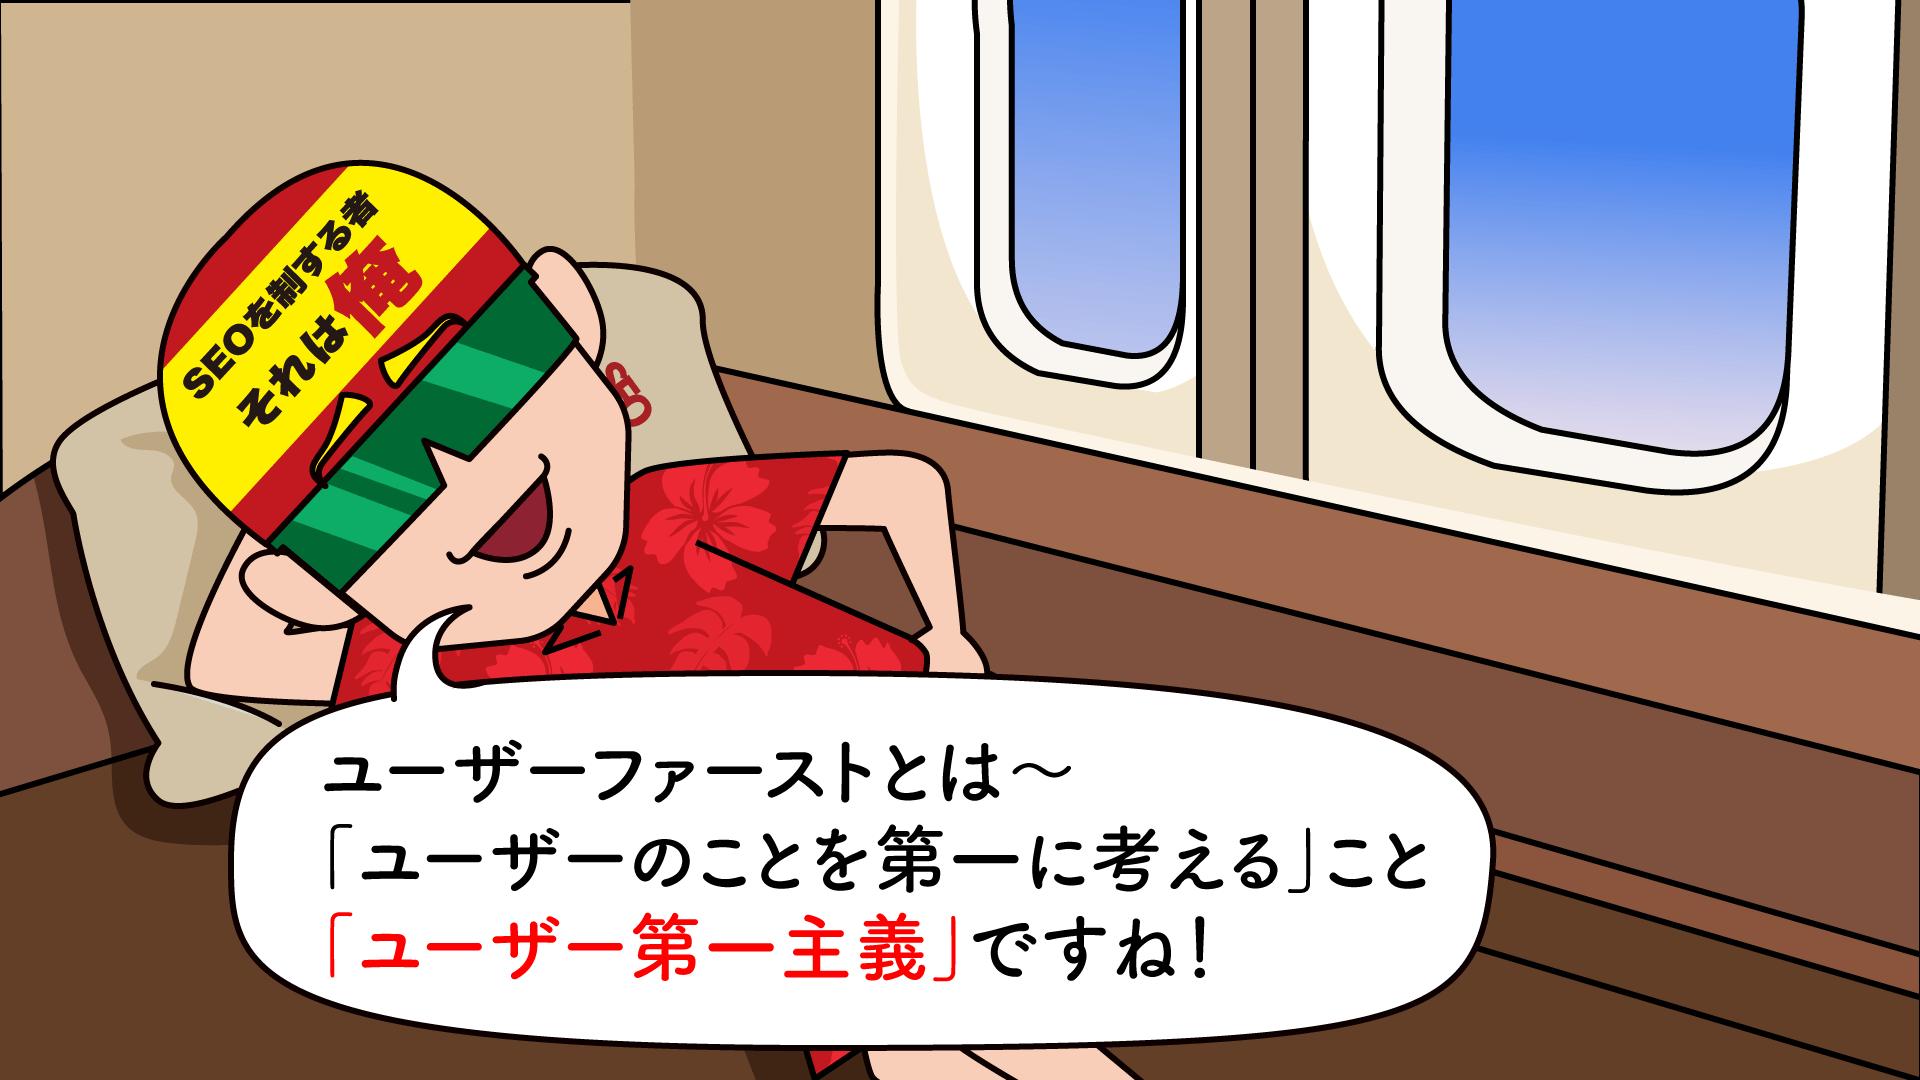 ユーザーファースト③‐漫画SEO用語集⑦